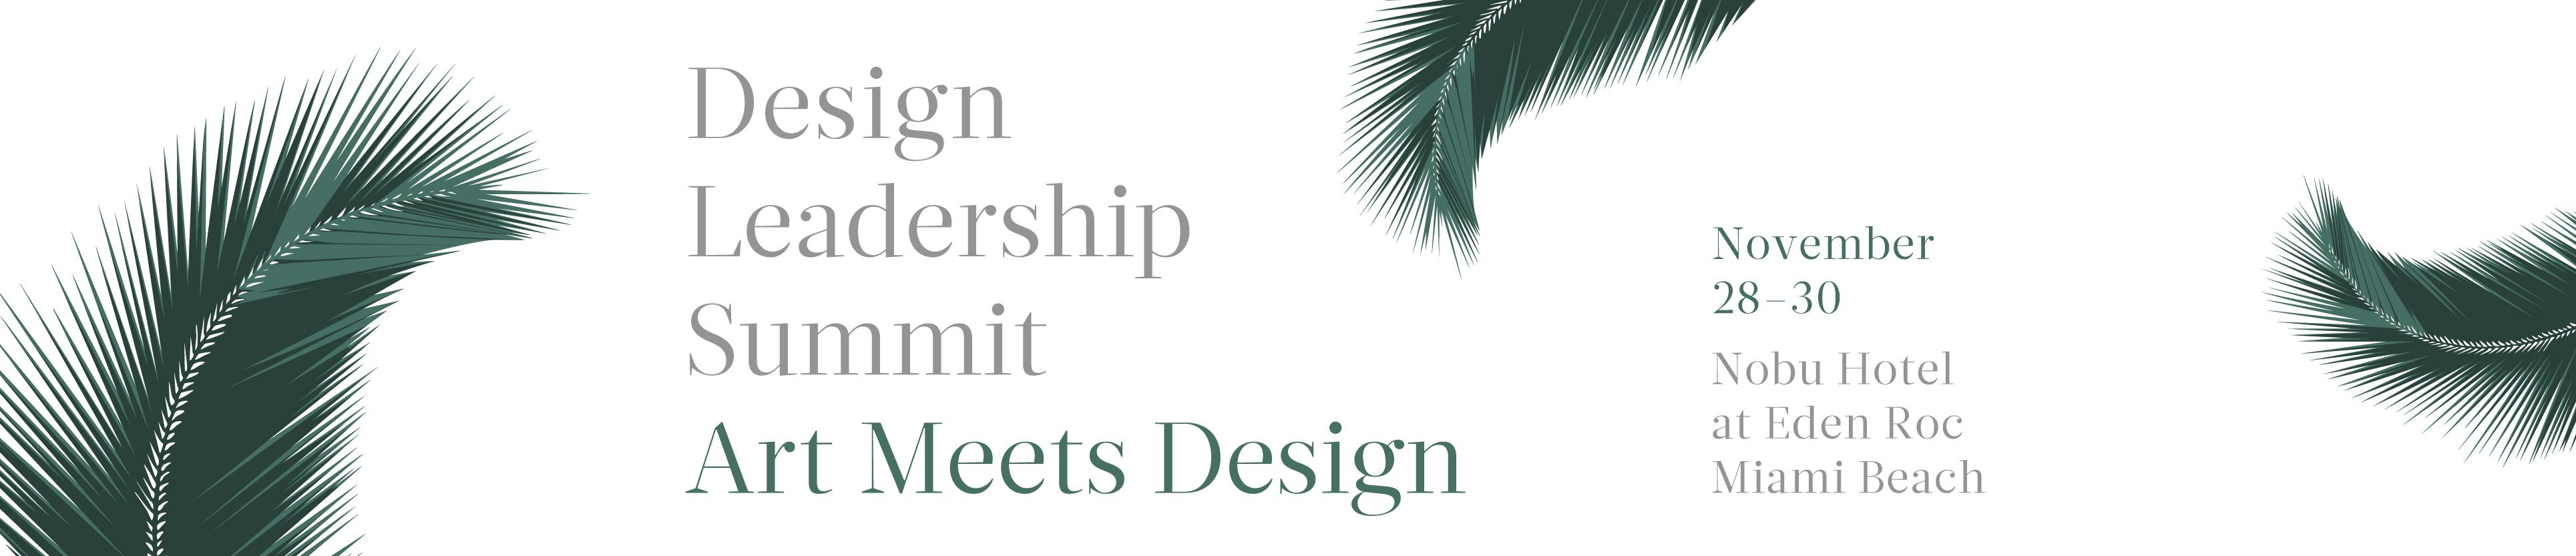 16-0526 DLN Registration Banner